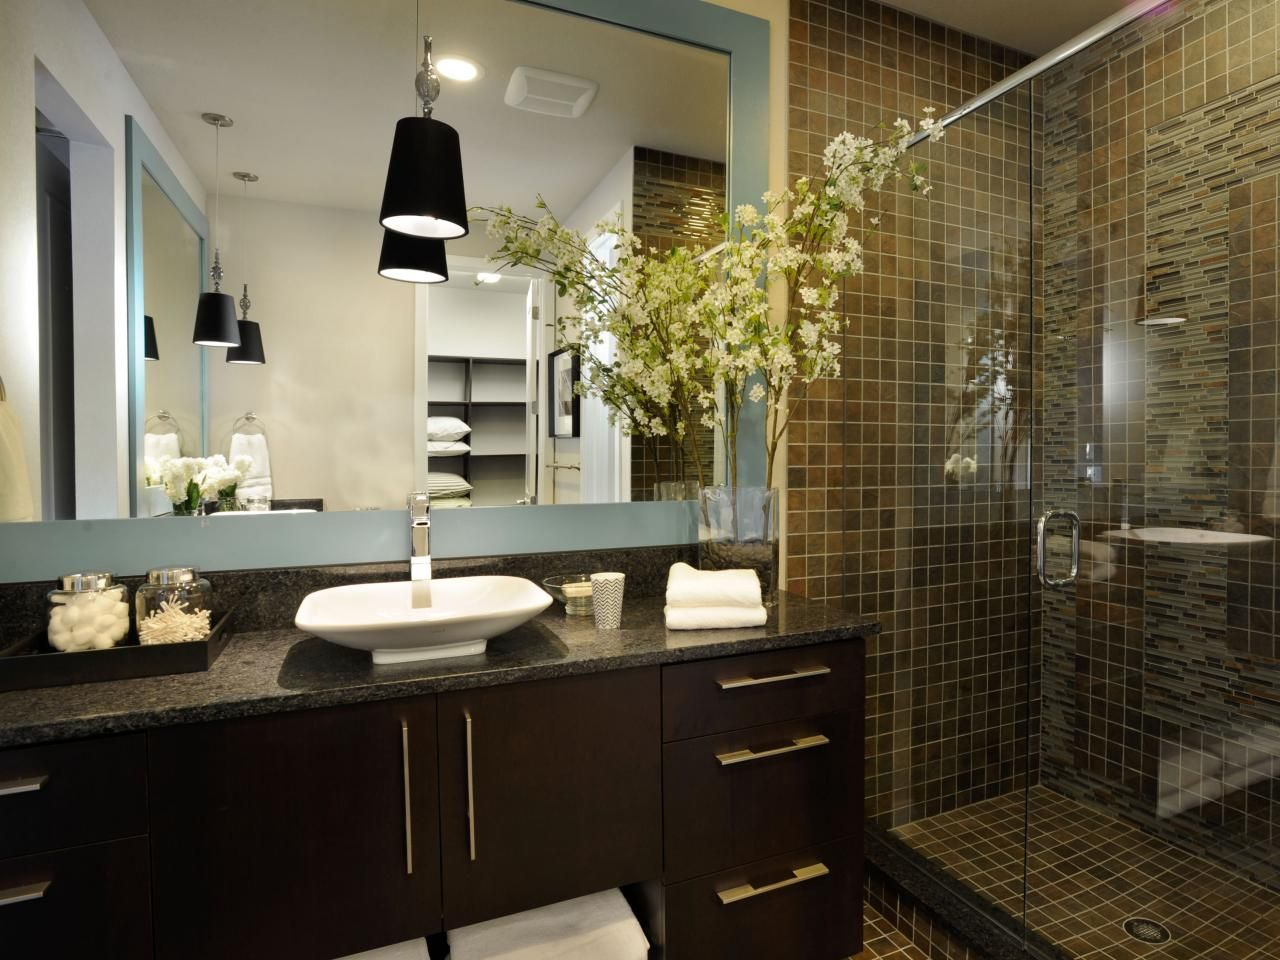 Modernes badezimmerdekor 2018 badezimmer dekor ideen  mehr auf unserer website  wenn es um die